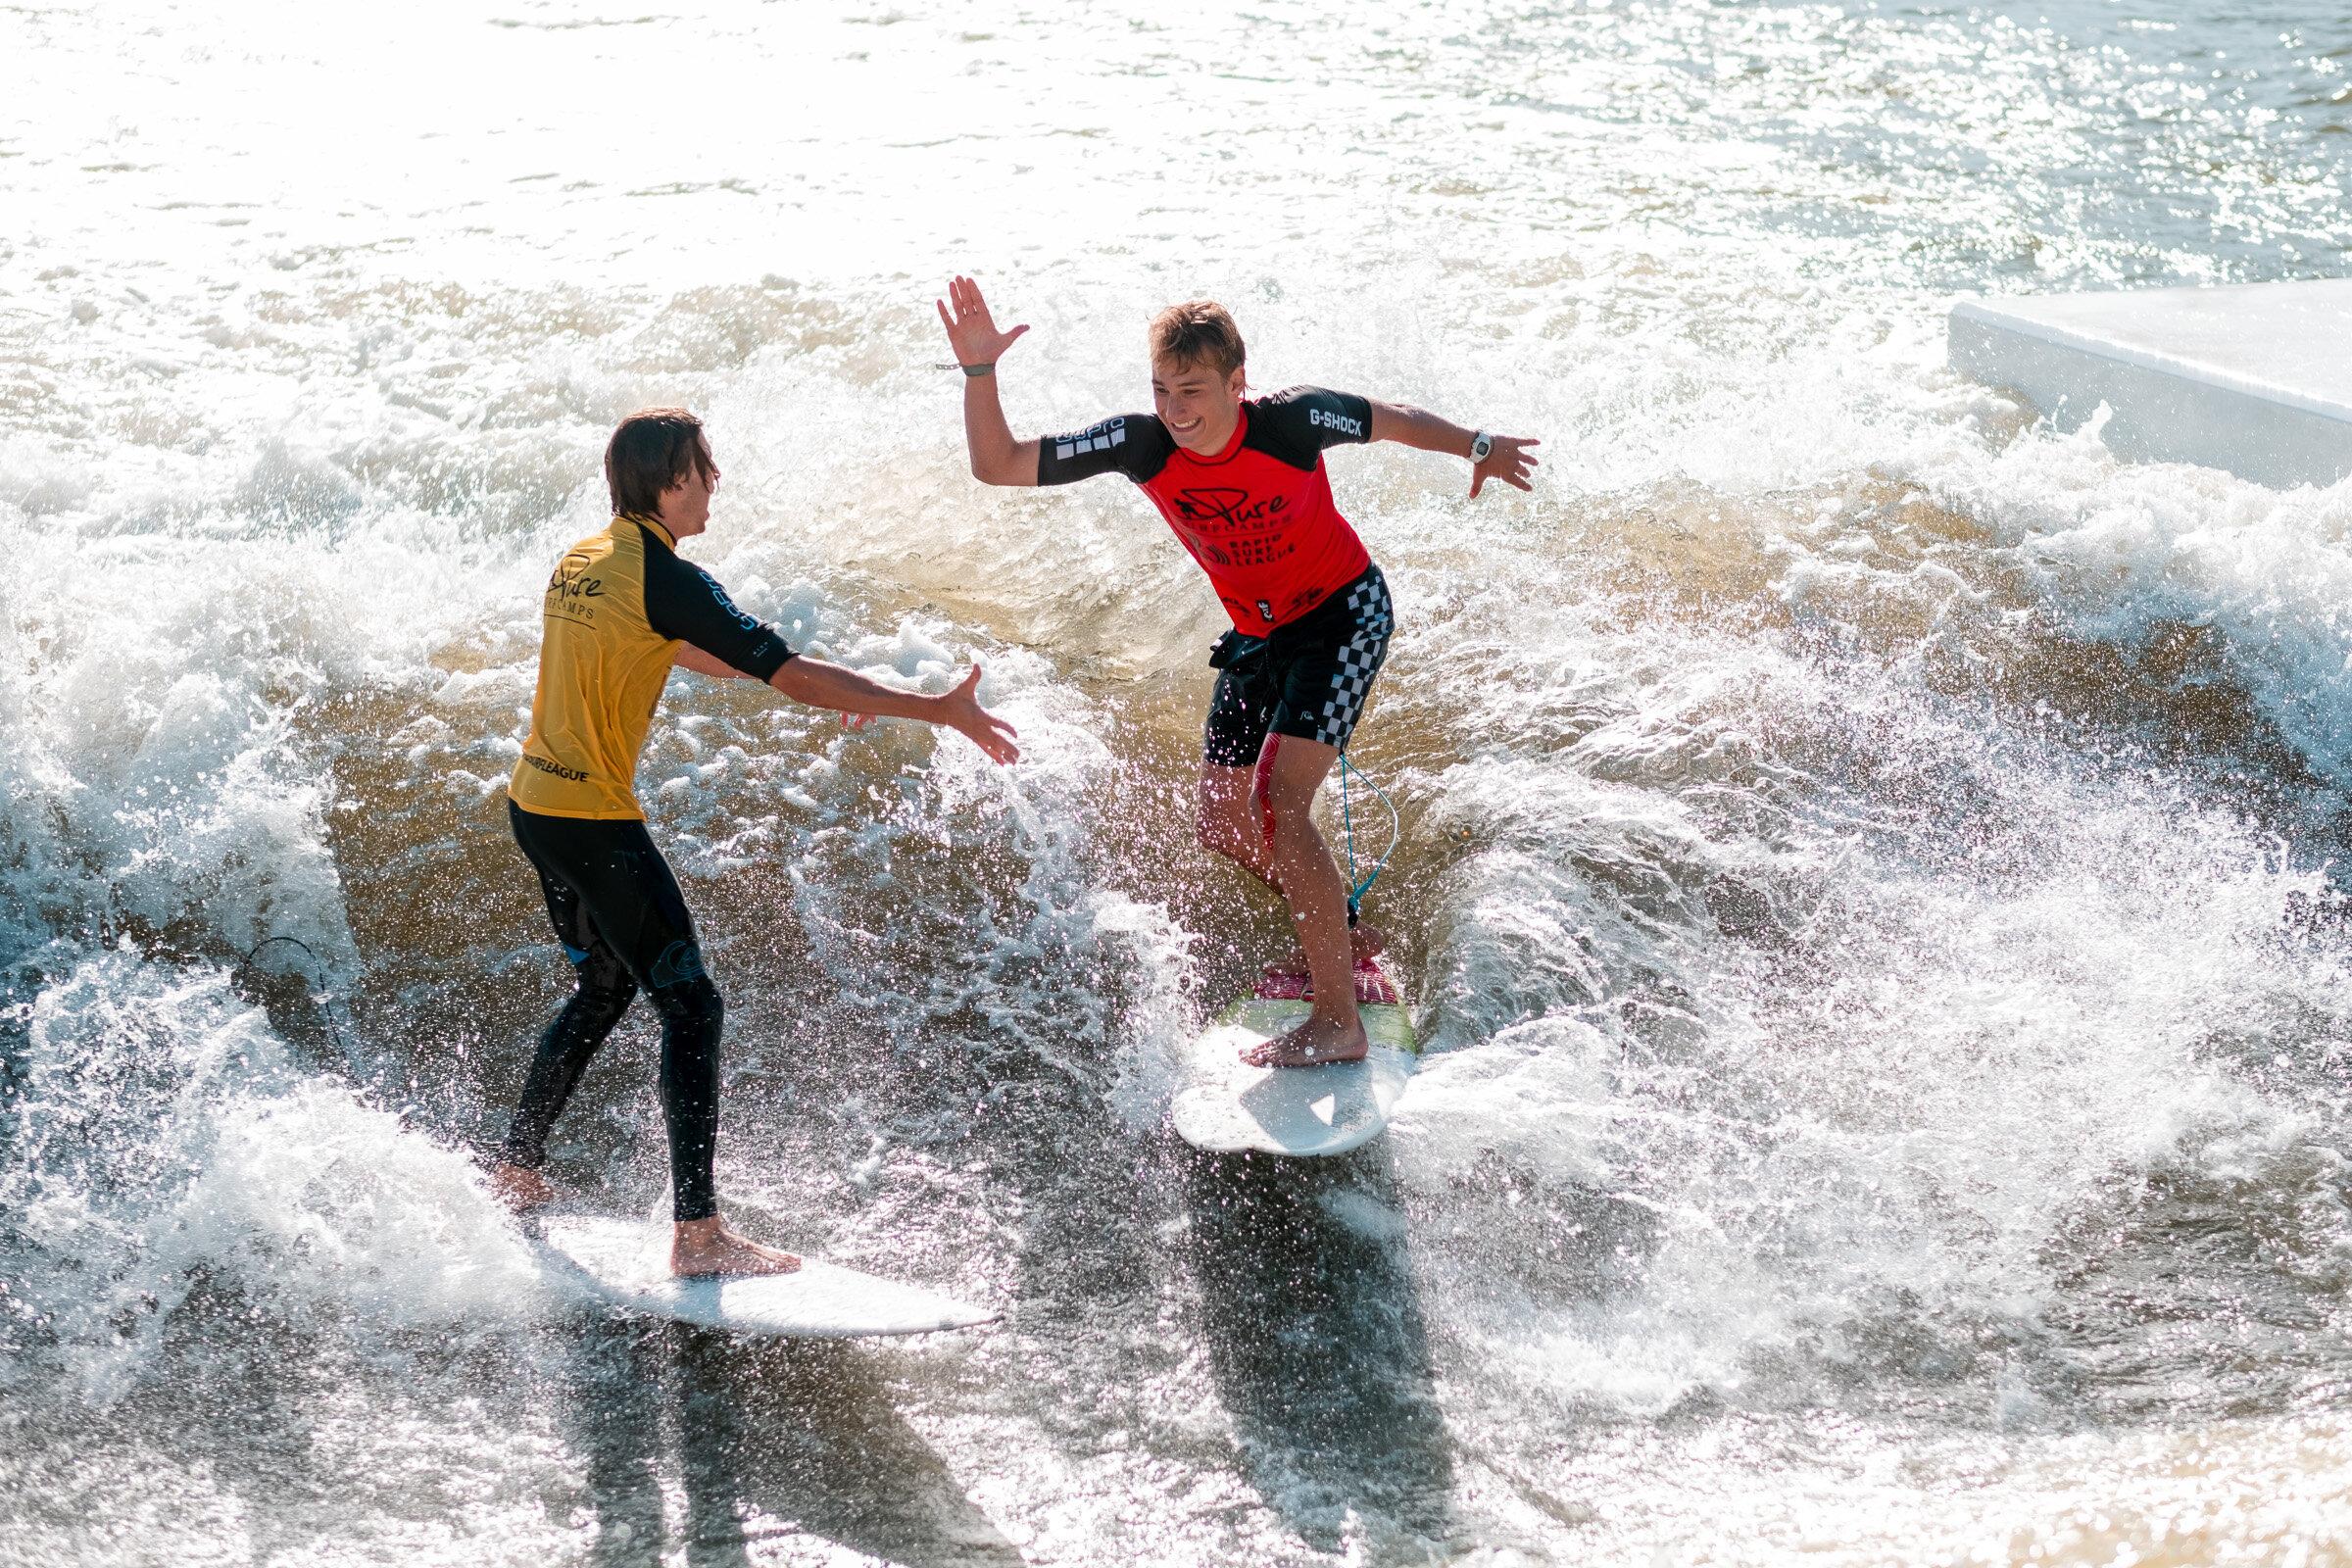 rapid-surf-contest-derKristof-251.jpg